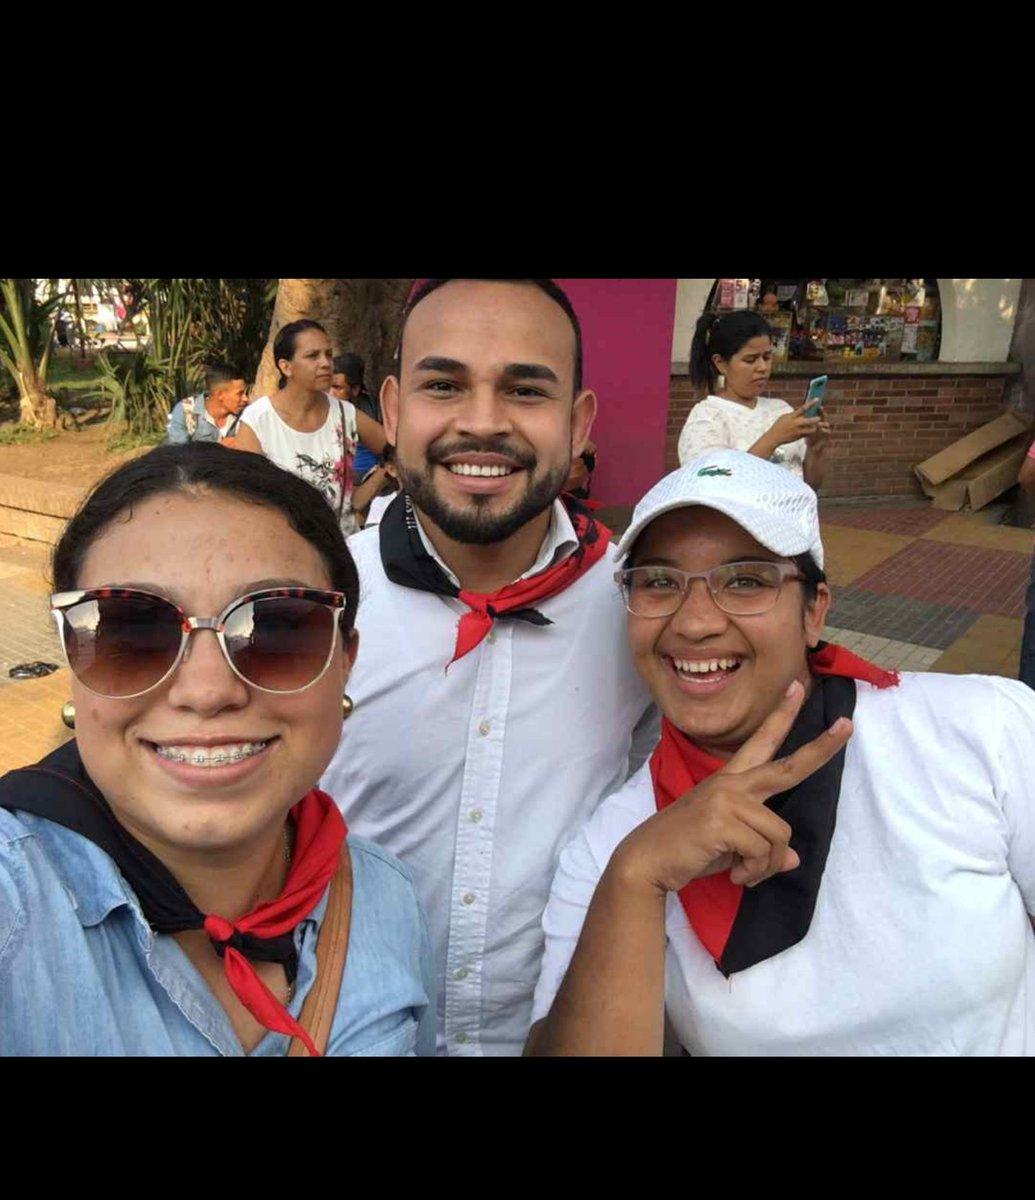 Aunque les duela mi comandante aqui se queda y al que no le guste que lo aguante  Nicaragua Siempre Sera Sandinista ❤🖤  #NicaraguaEsDeTodoYAquiNosQuedamosTodos #NopudieronNiPodran #VamosCompañerosVamosGanandoLaPaz